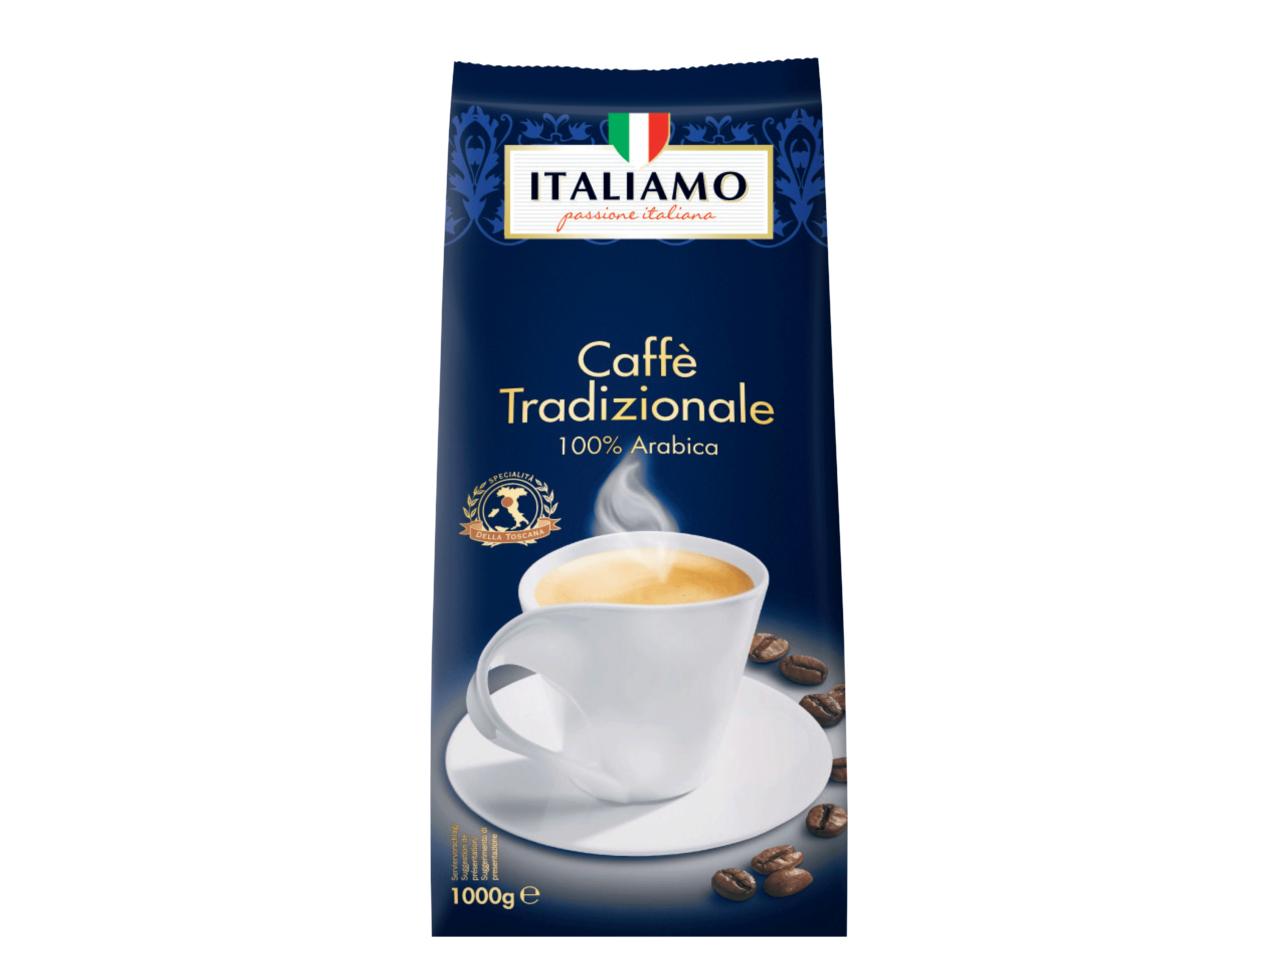 Lidl Caffe Tradizionale 1kg 100% Arabica and Espresso Magnifico Caffe In Grani Arabica Robusta blend - £6.99 @ Lidl NI